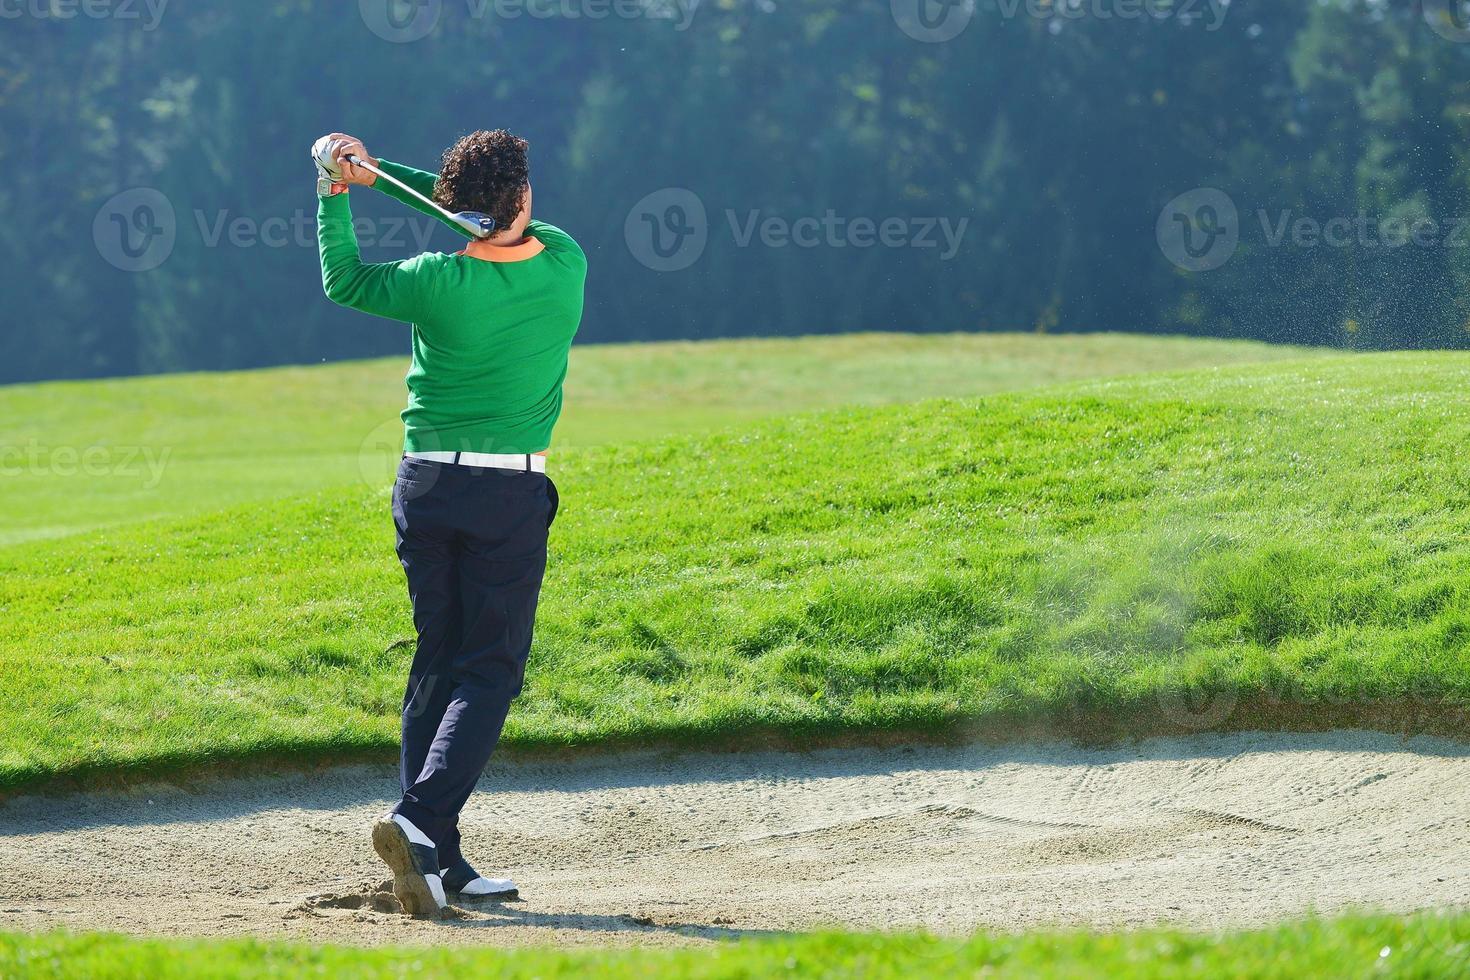 jugador de golf poniendo foto